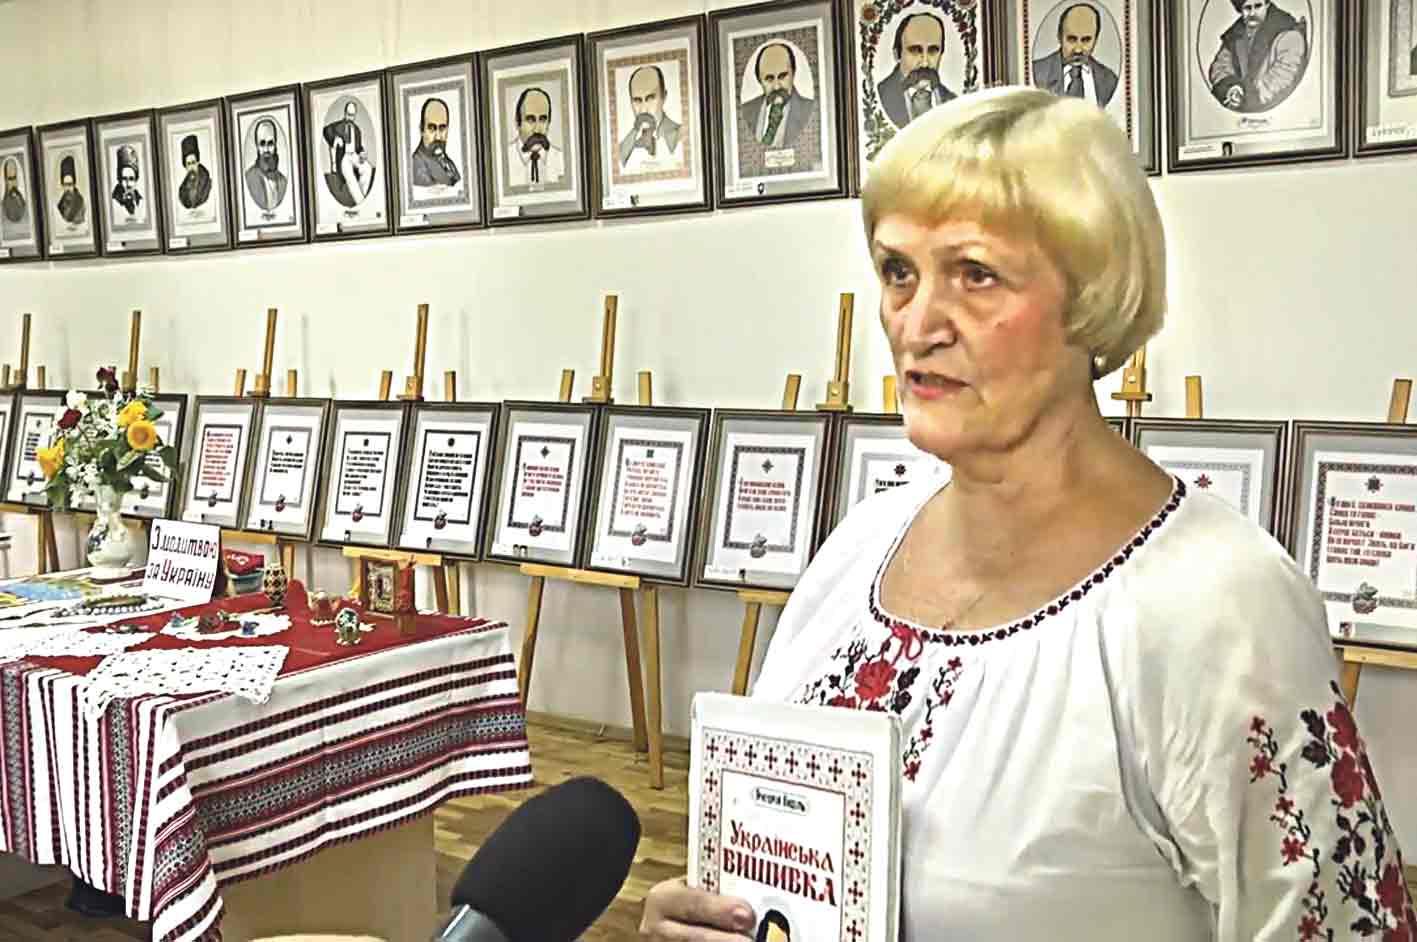 Рекордну кількість портретів Шевченка презентували у Вінниці. Над вишивкою працювали більше року